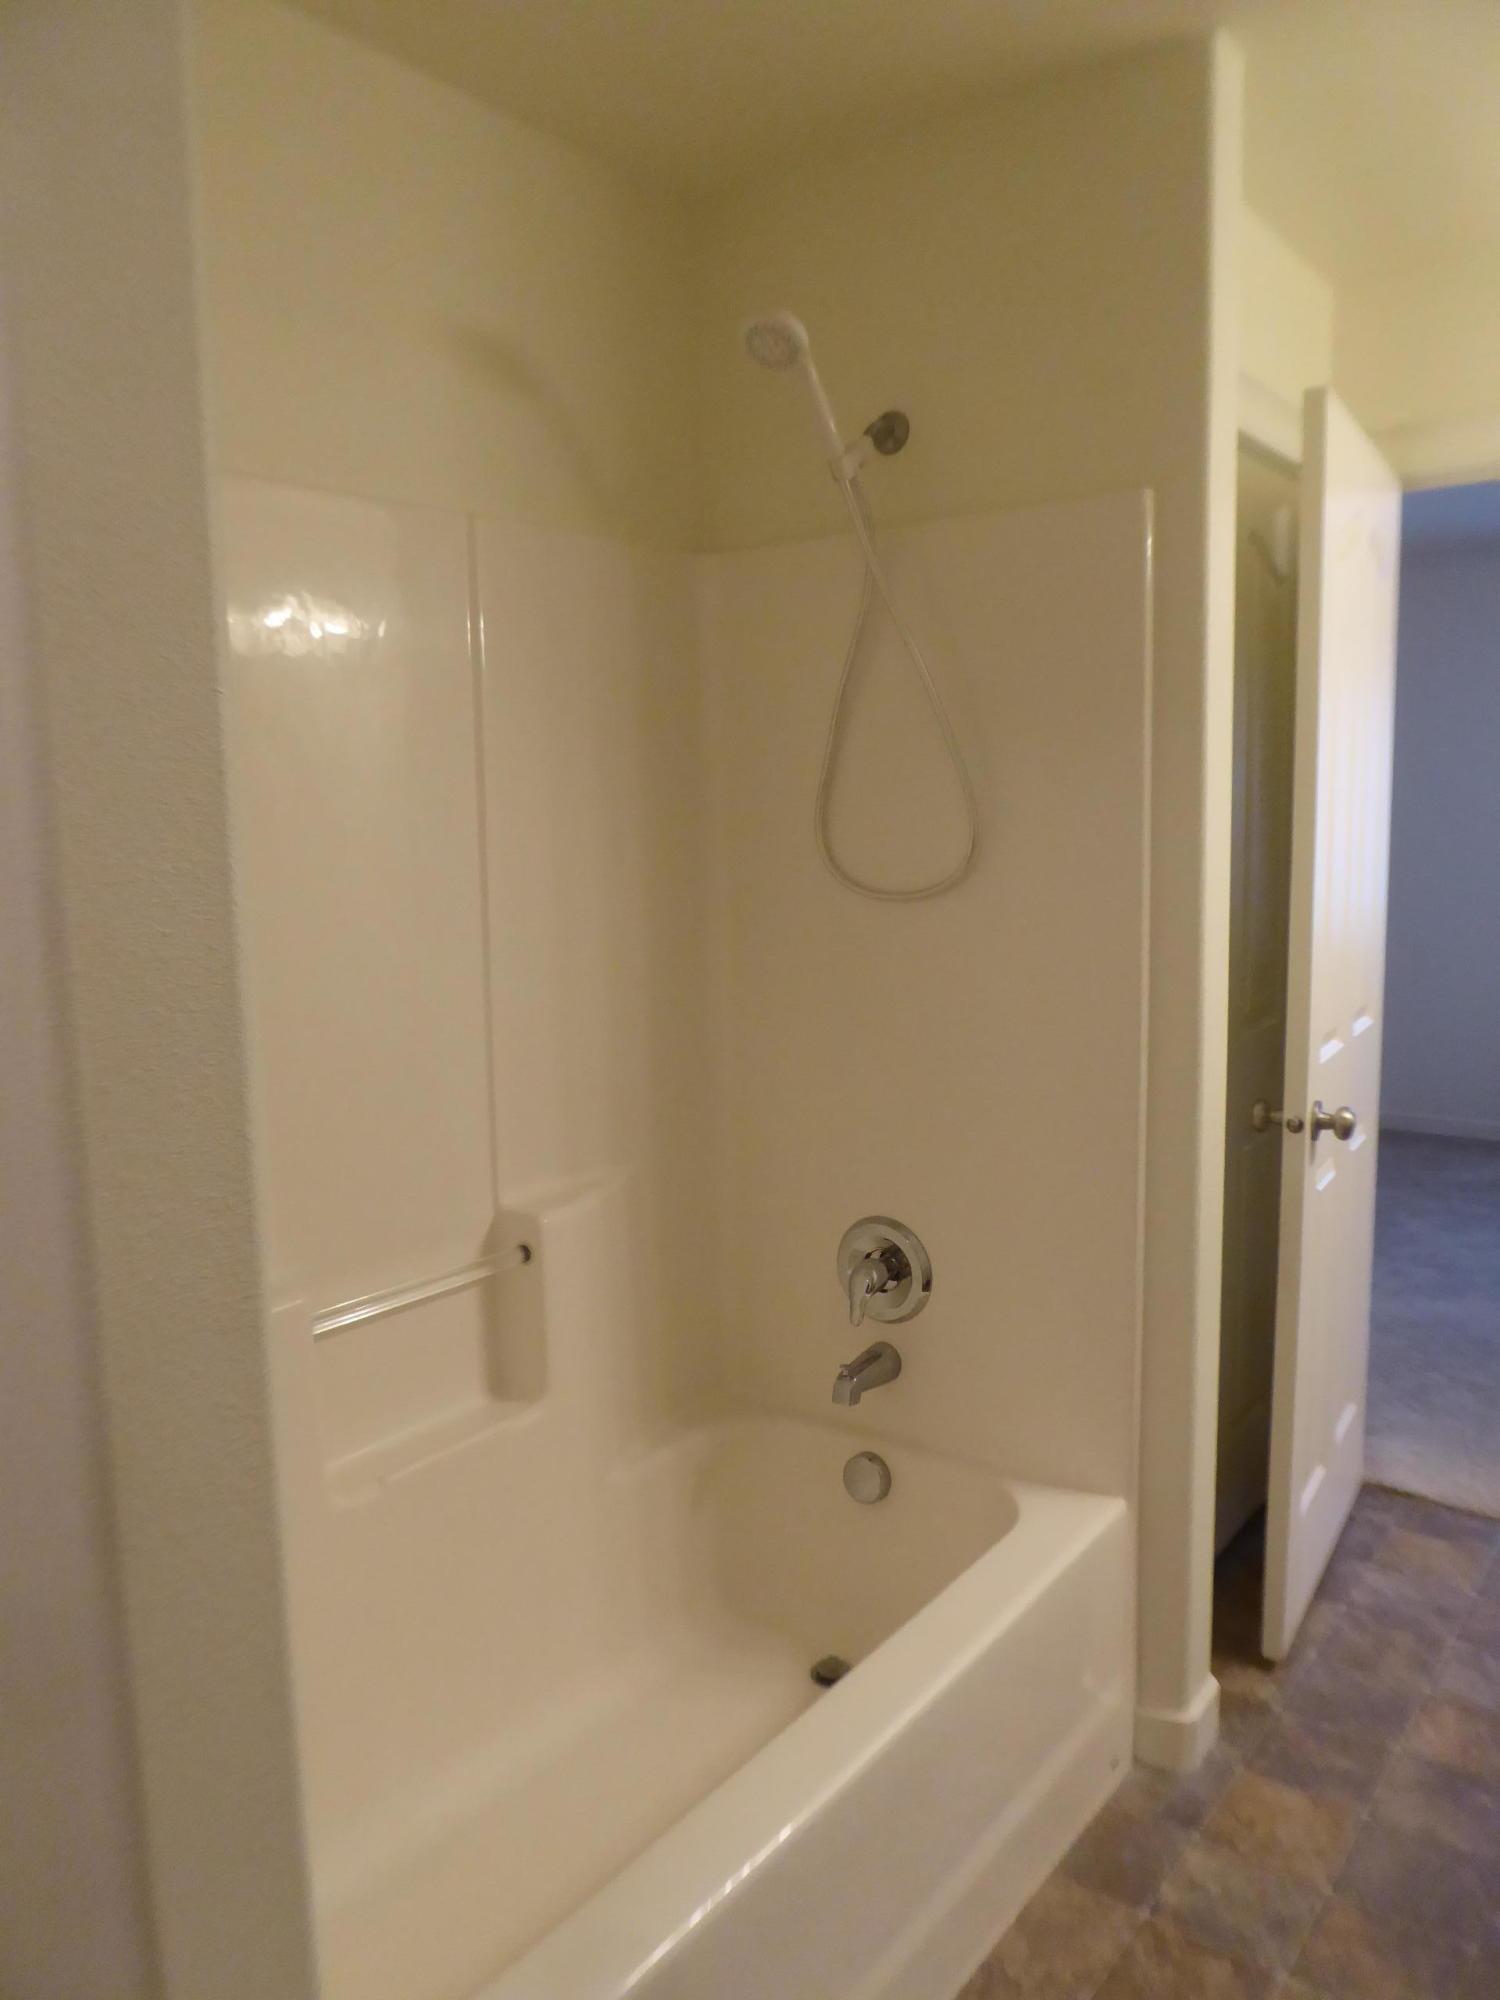 Tub/shower in master bathroom